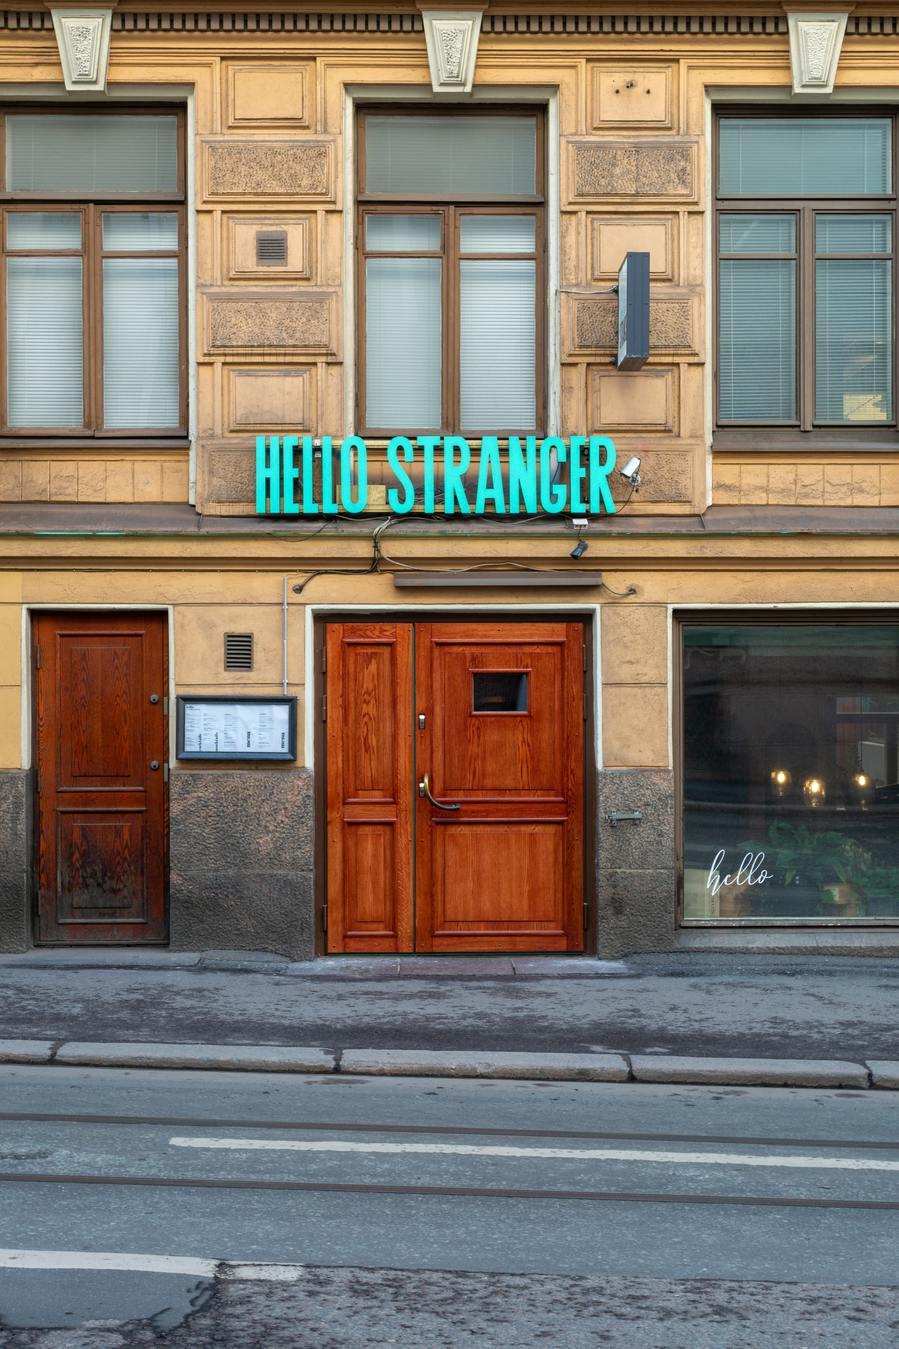 """Placa """"hello stranger"""" em um prédio"""